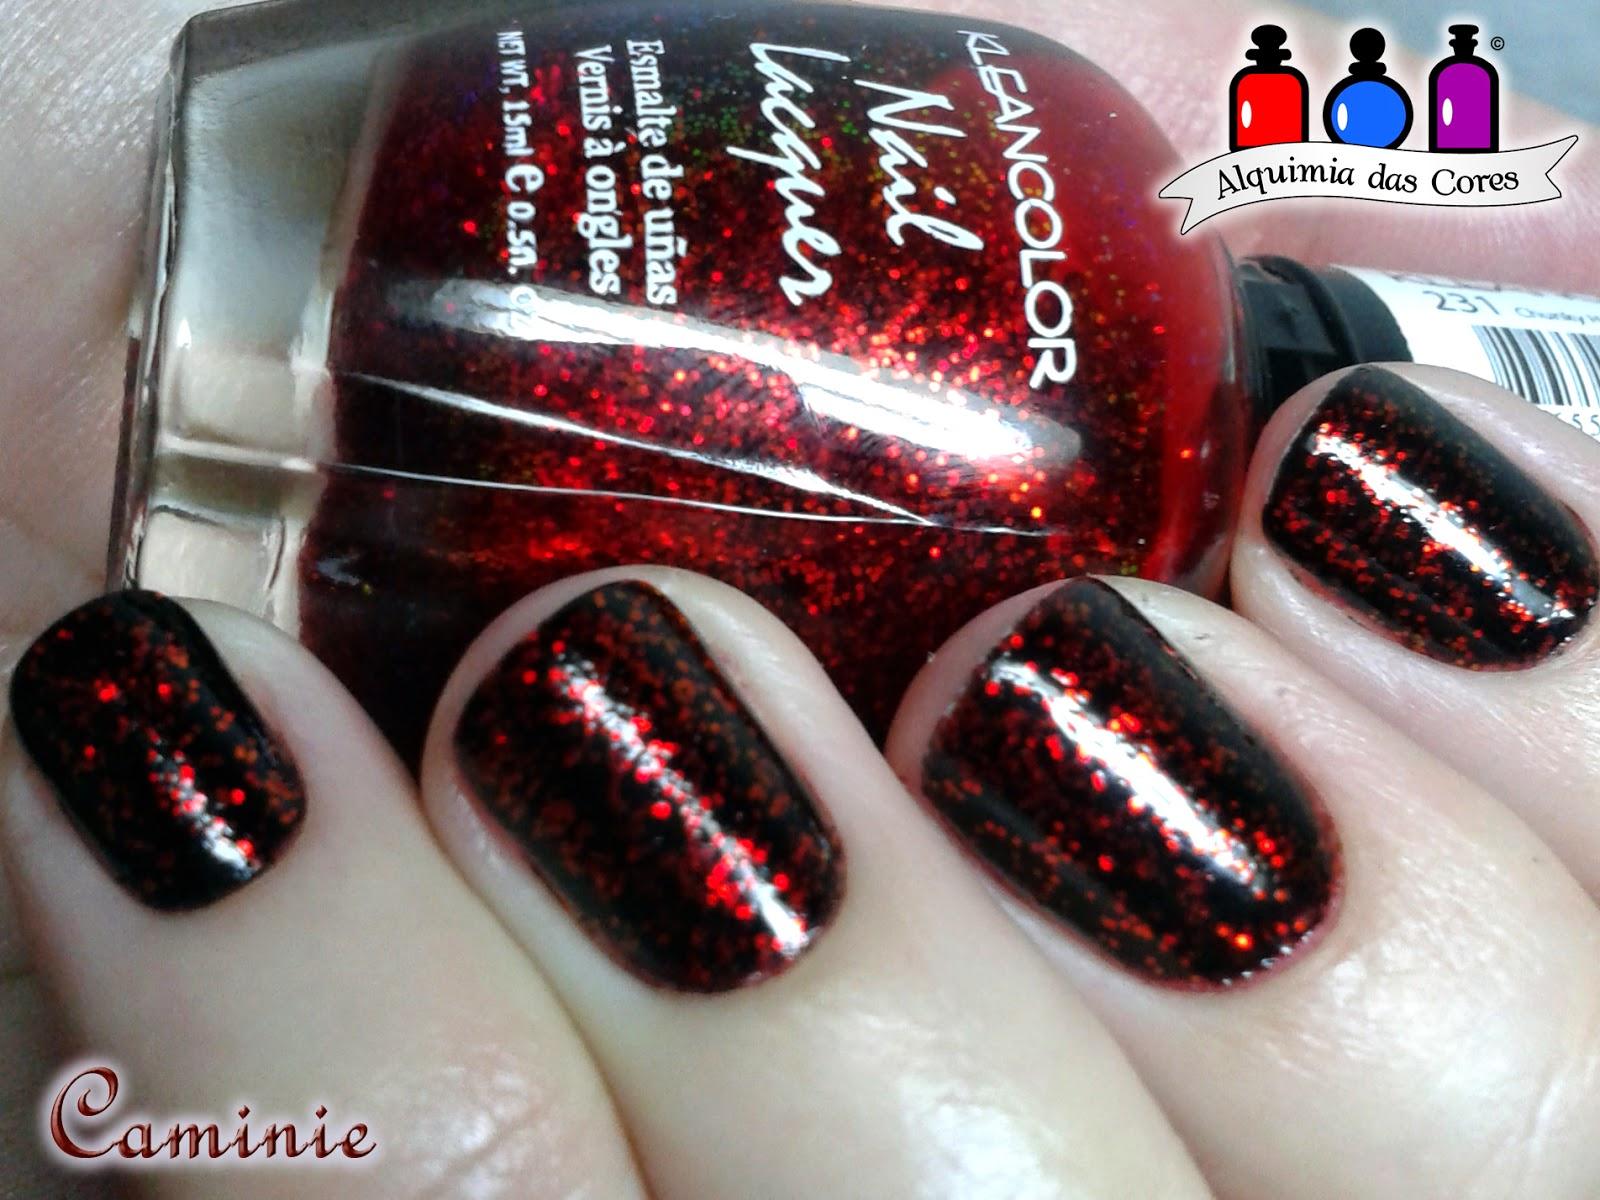 Preto, Vermelho, kleancolor, Glitter, chunck holo scarlet, Caminie, nail polish, esmalte